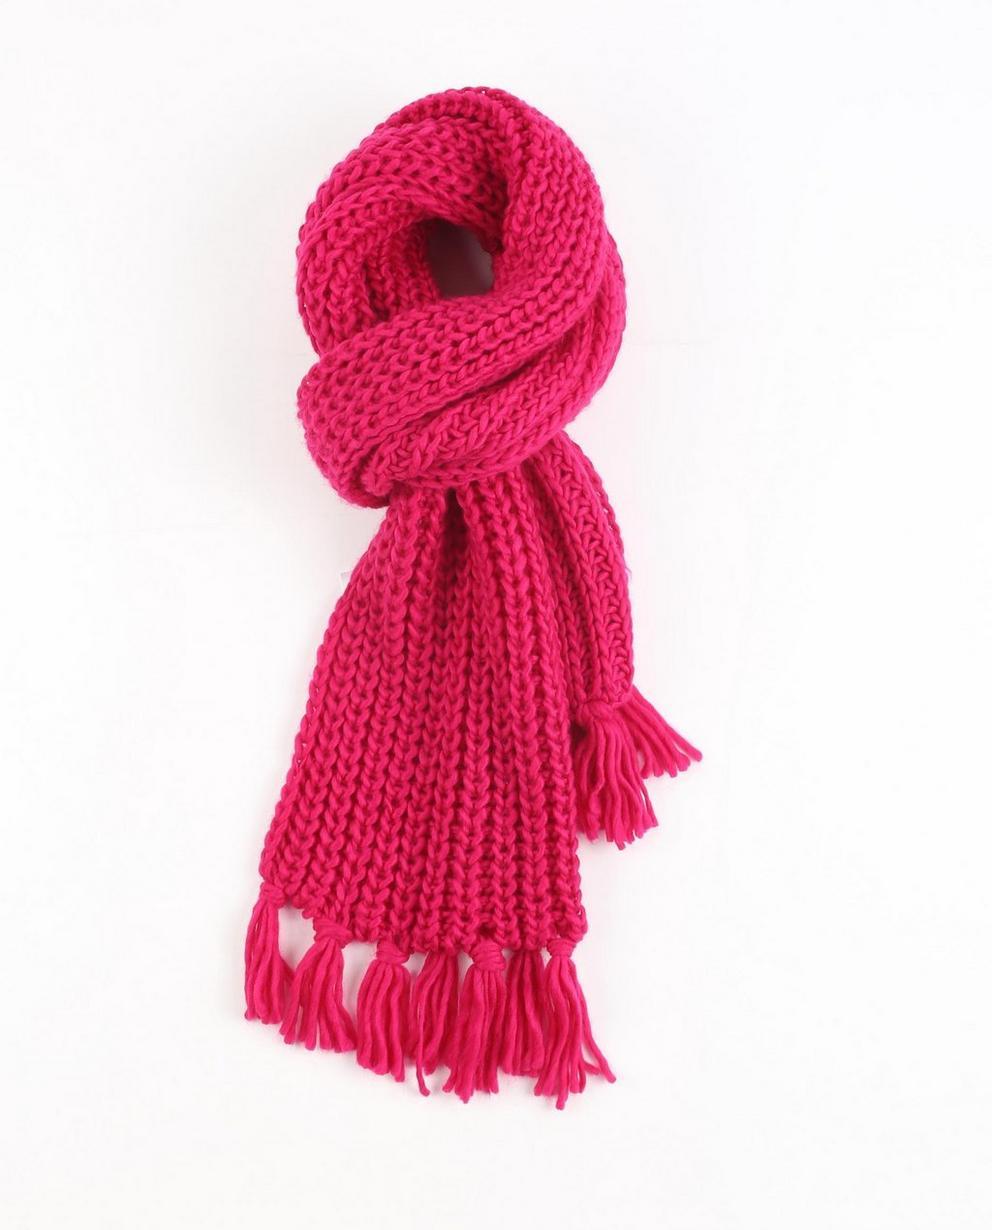 Grofgebreide sjaal - in fuchsiaroze - JBC